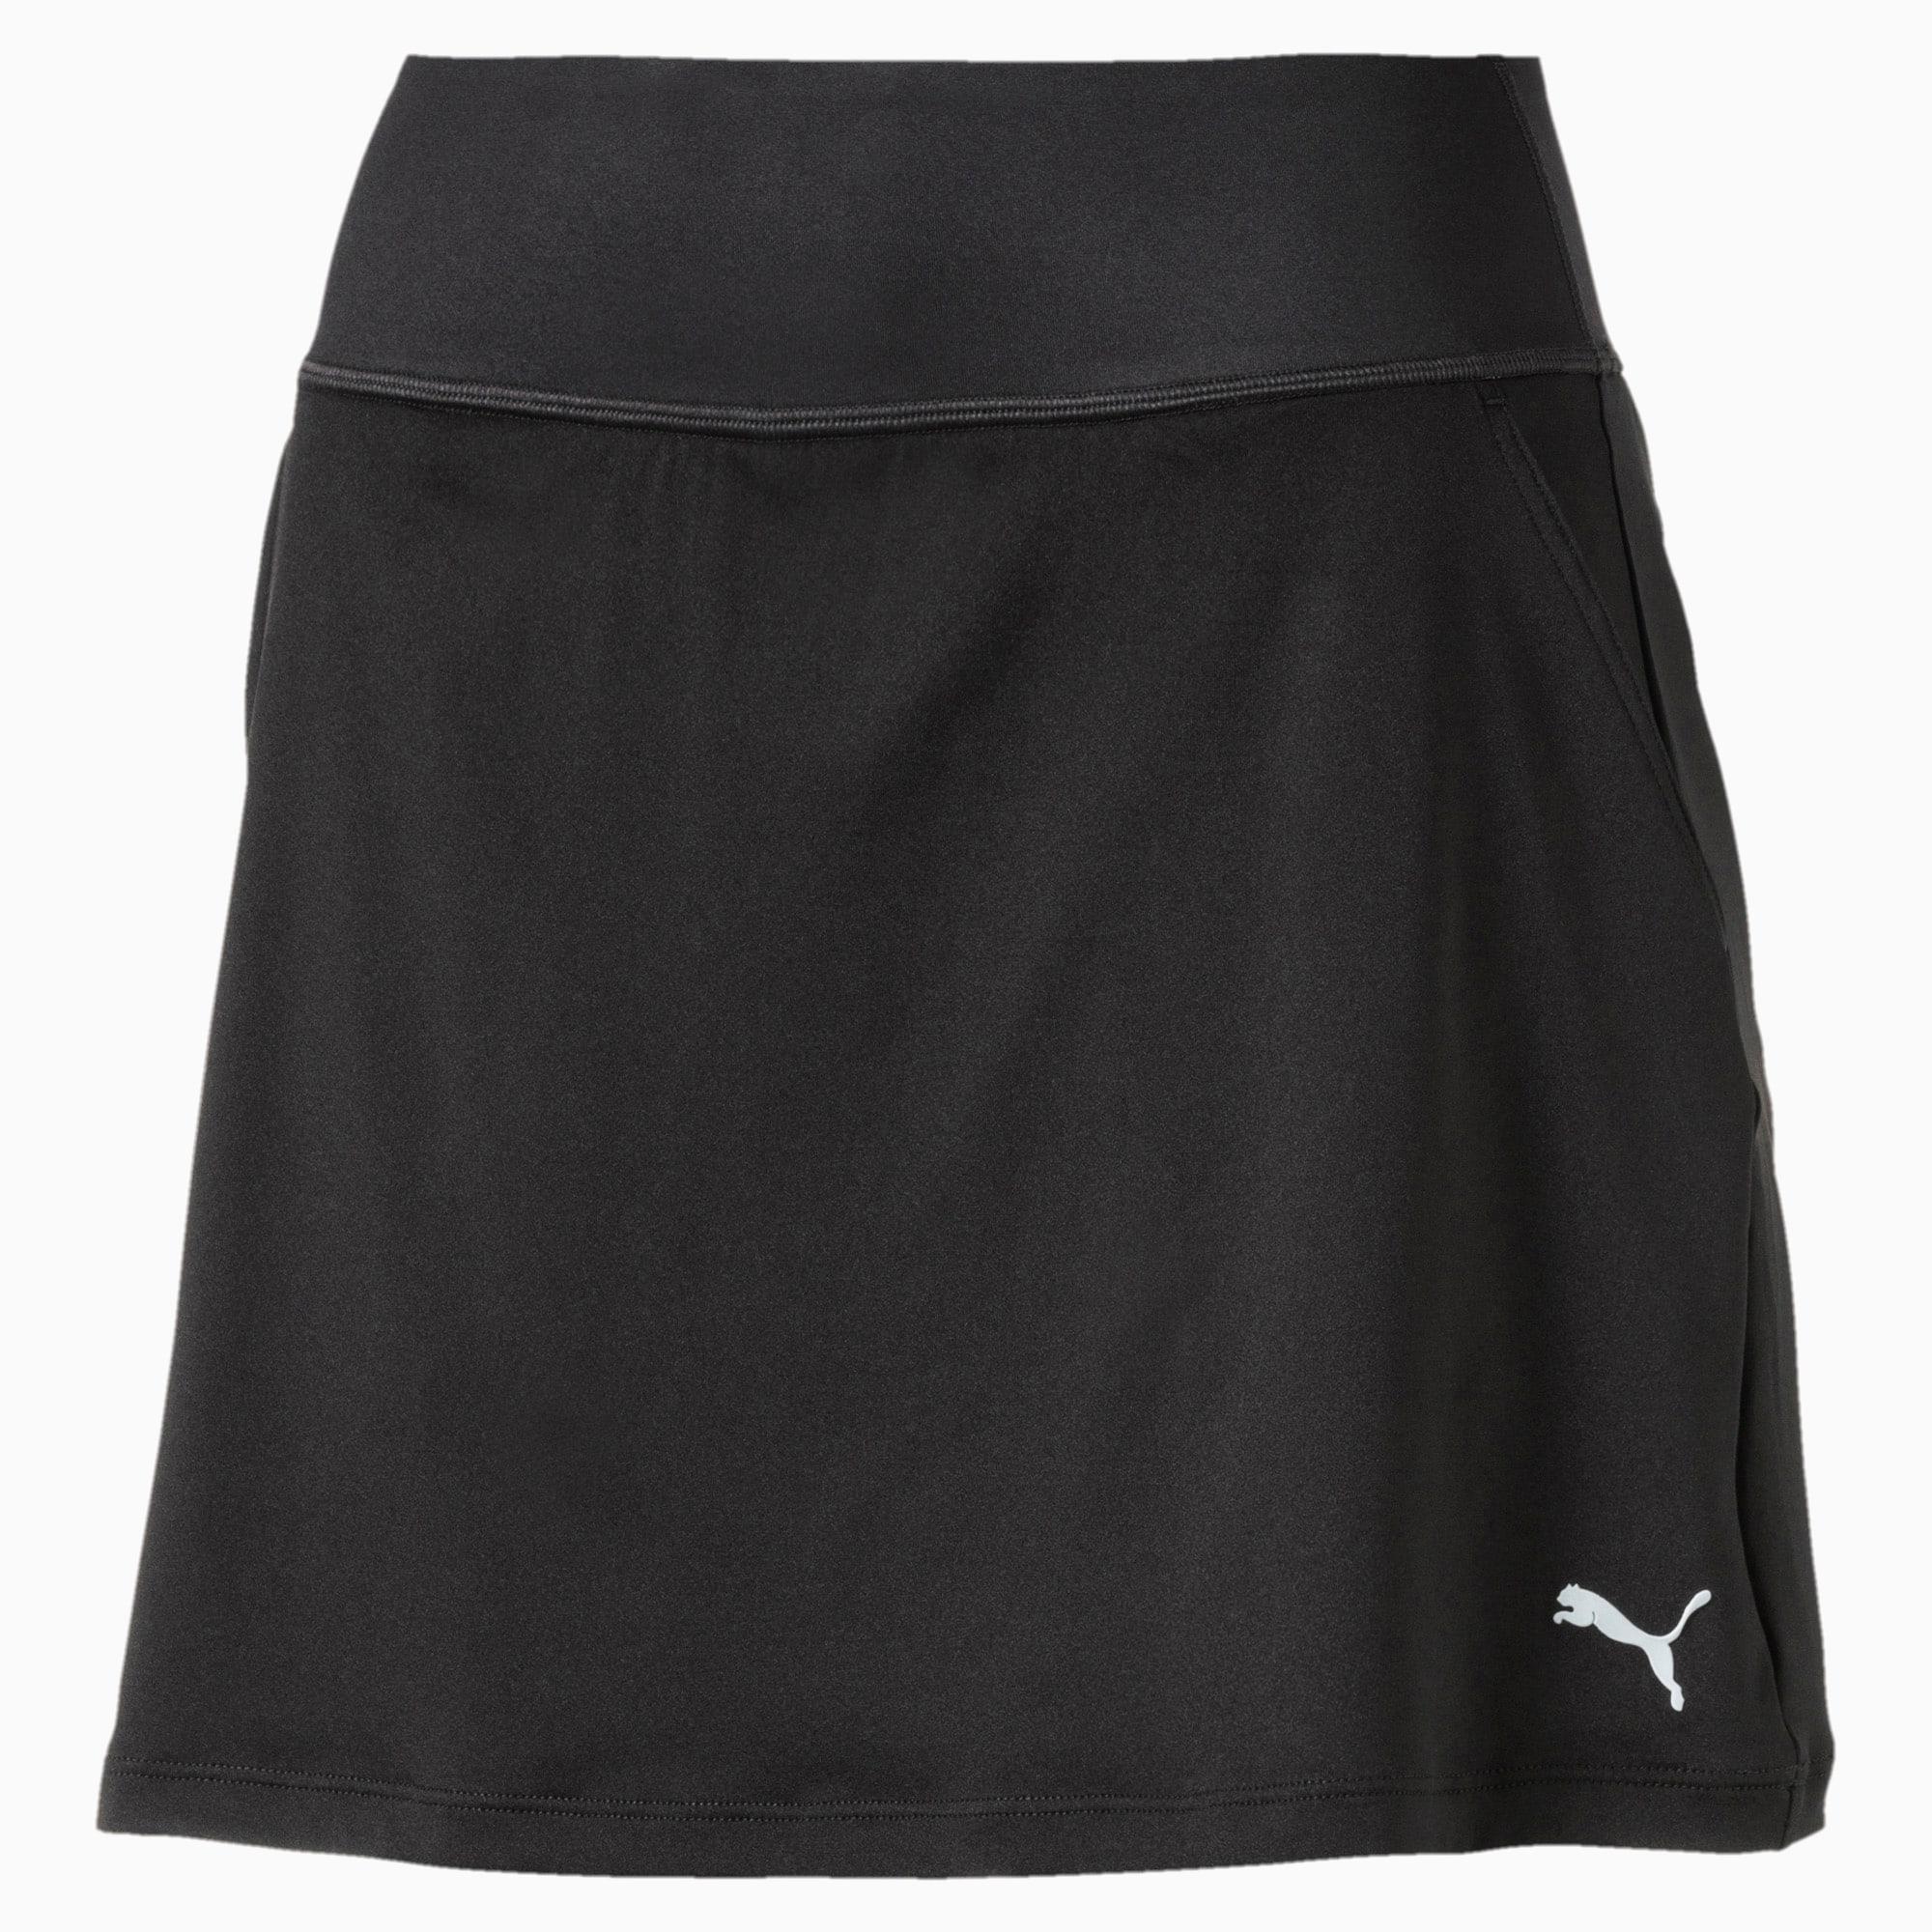 Women's PWRSHAPE Solid Knit Skirt